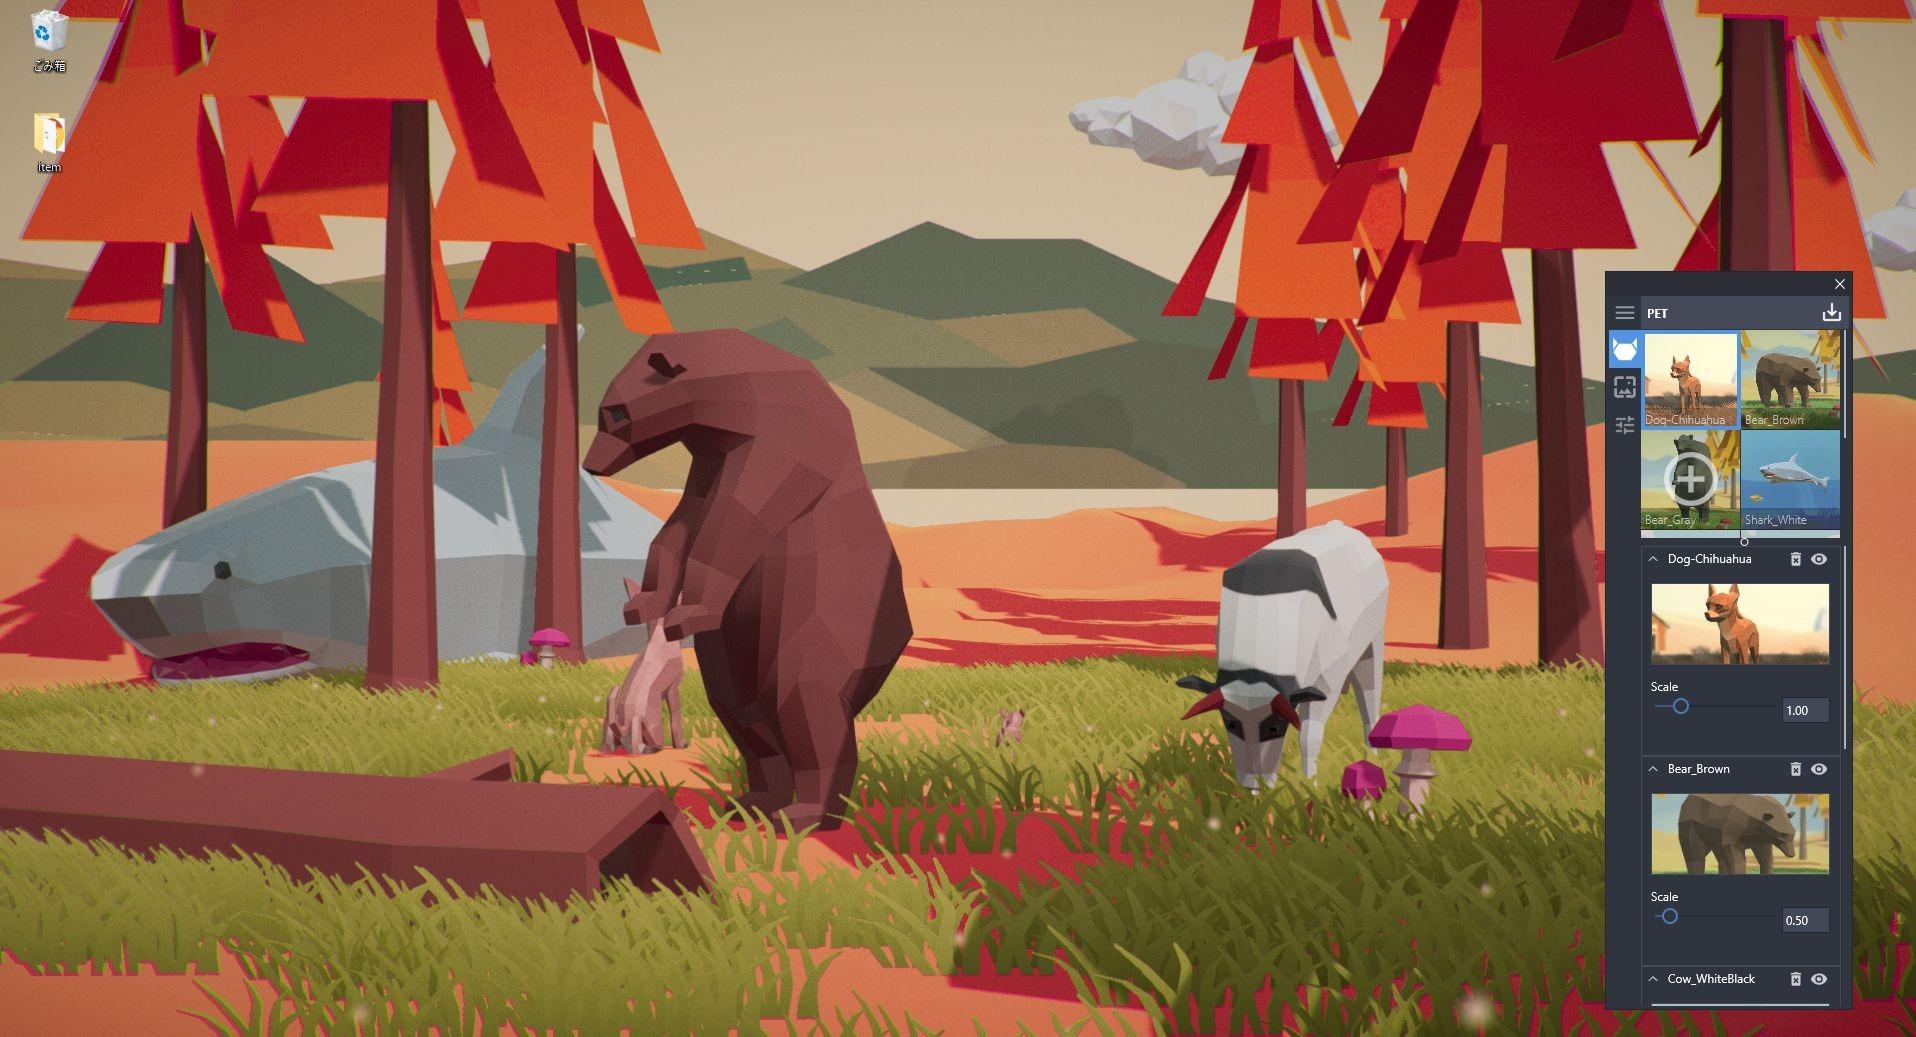 あなたのpcが野生の王国に 動く動物の壁紙制作ソフト Ultimate Low